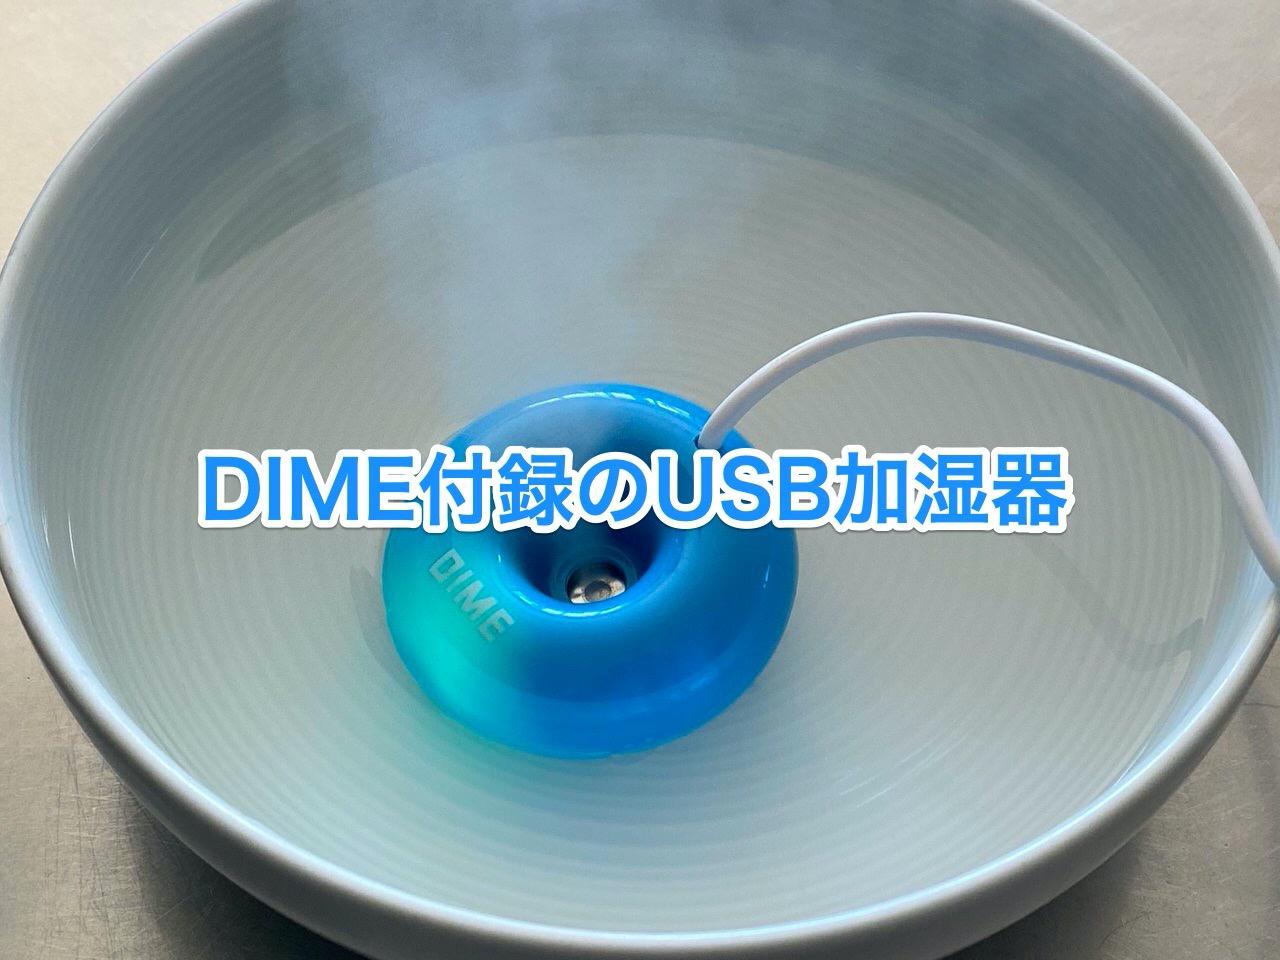 DIME付録の水に浮かべるコンパクトUSB加湿器の加湿がプシュー!って感じでなかなか強い